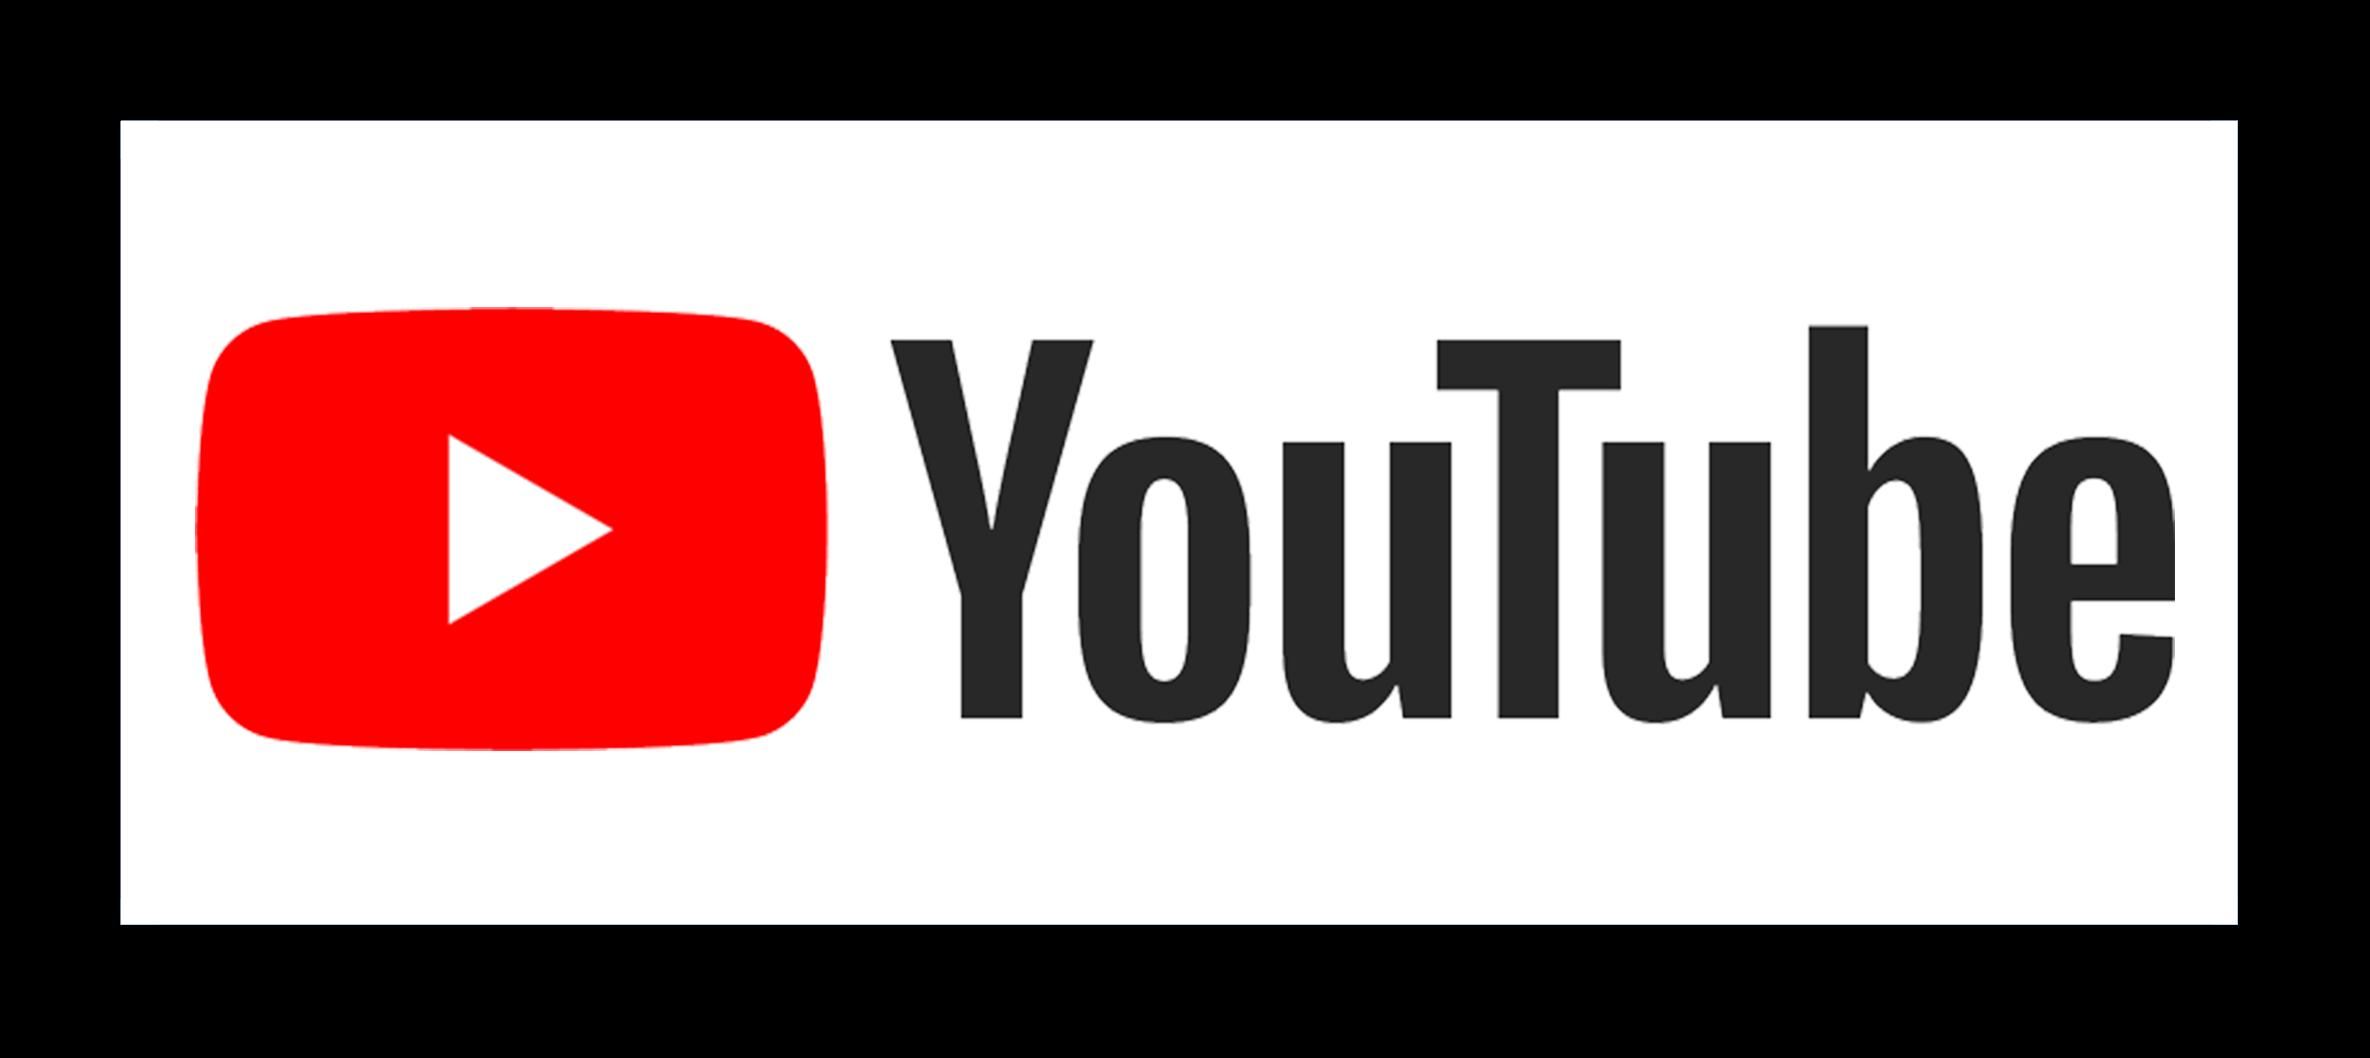 Abonnez-vous à notre chaîne YouTube